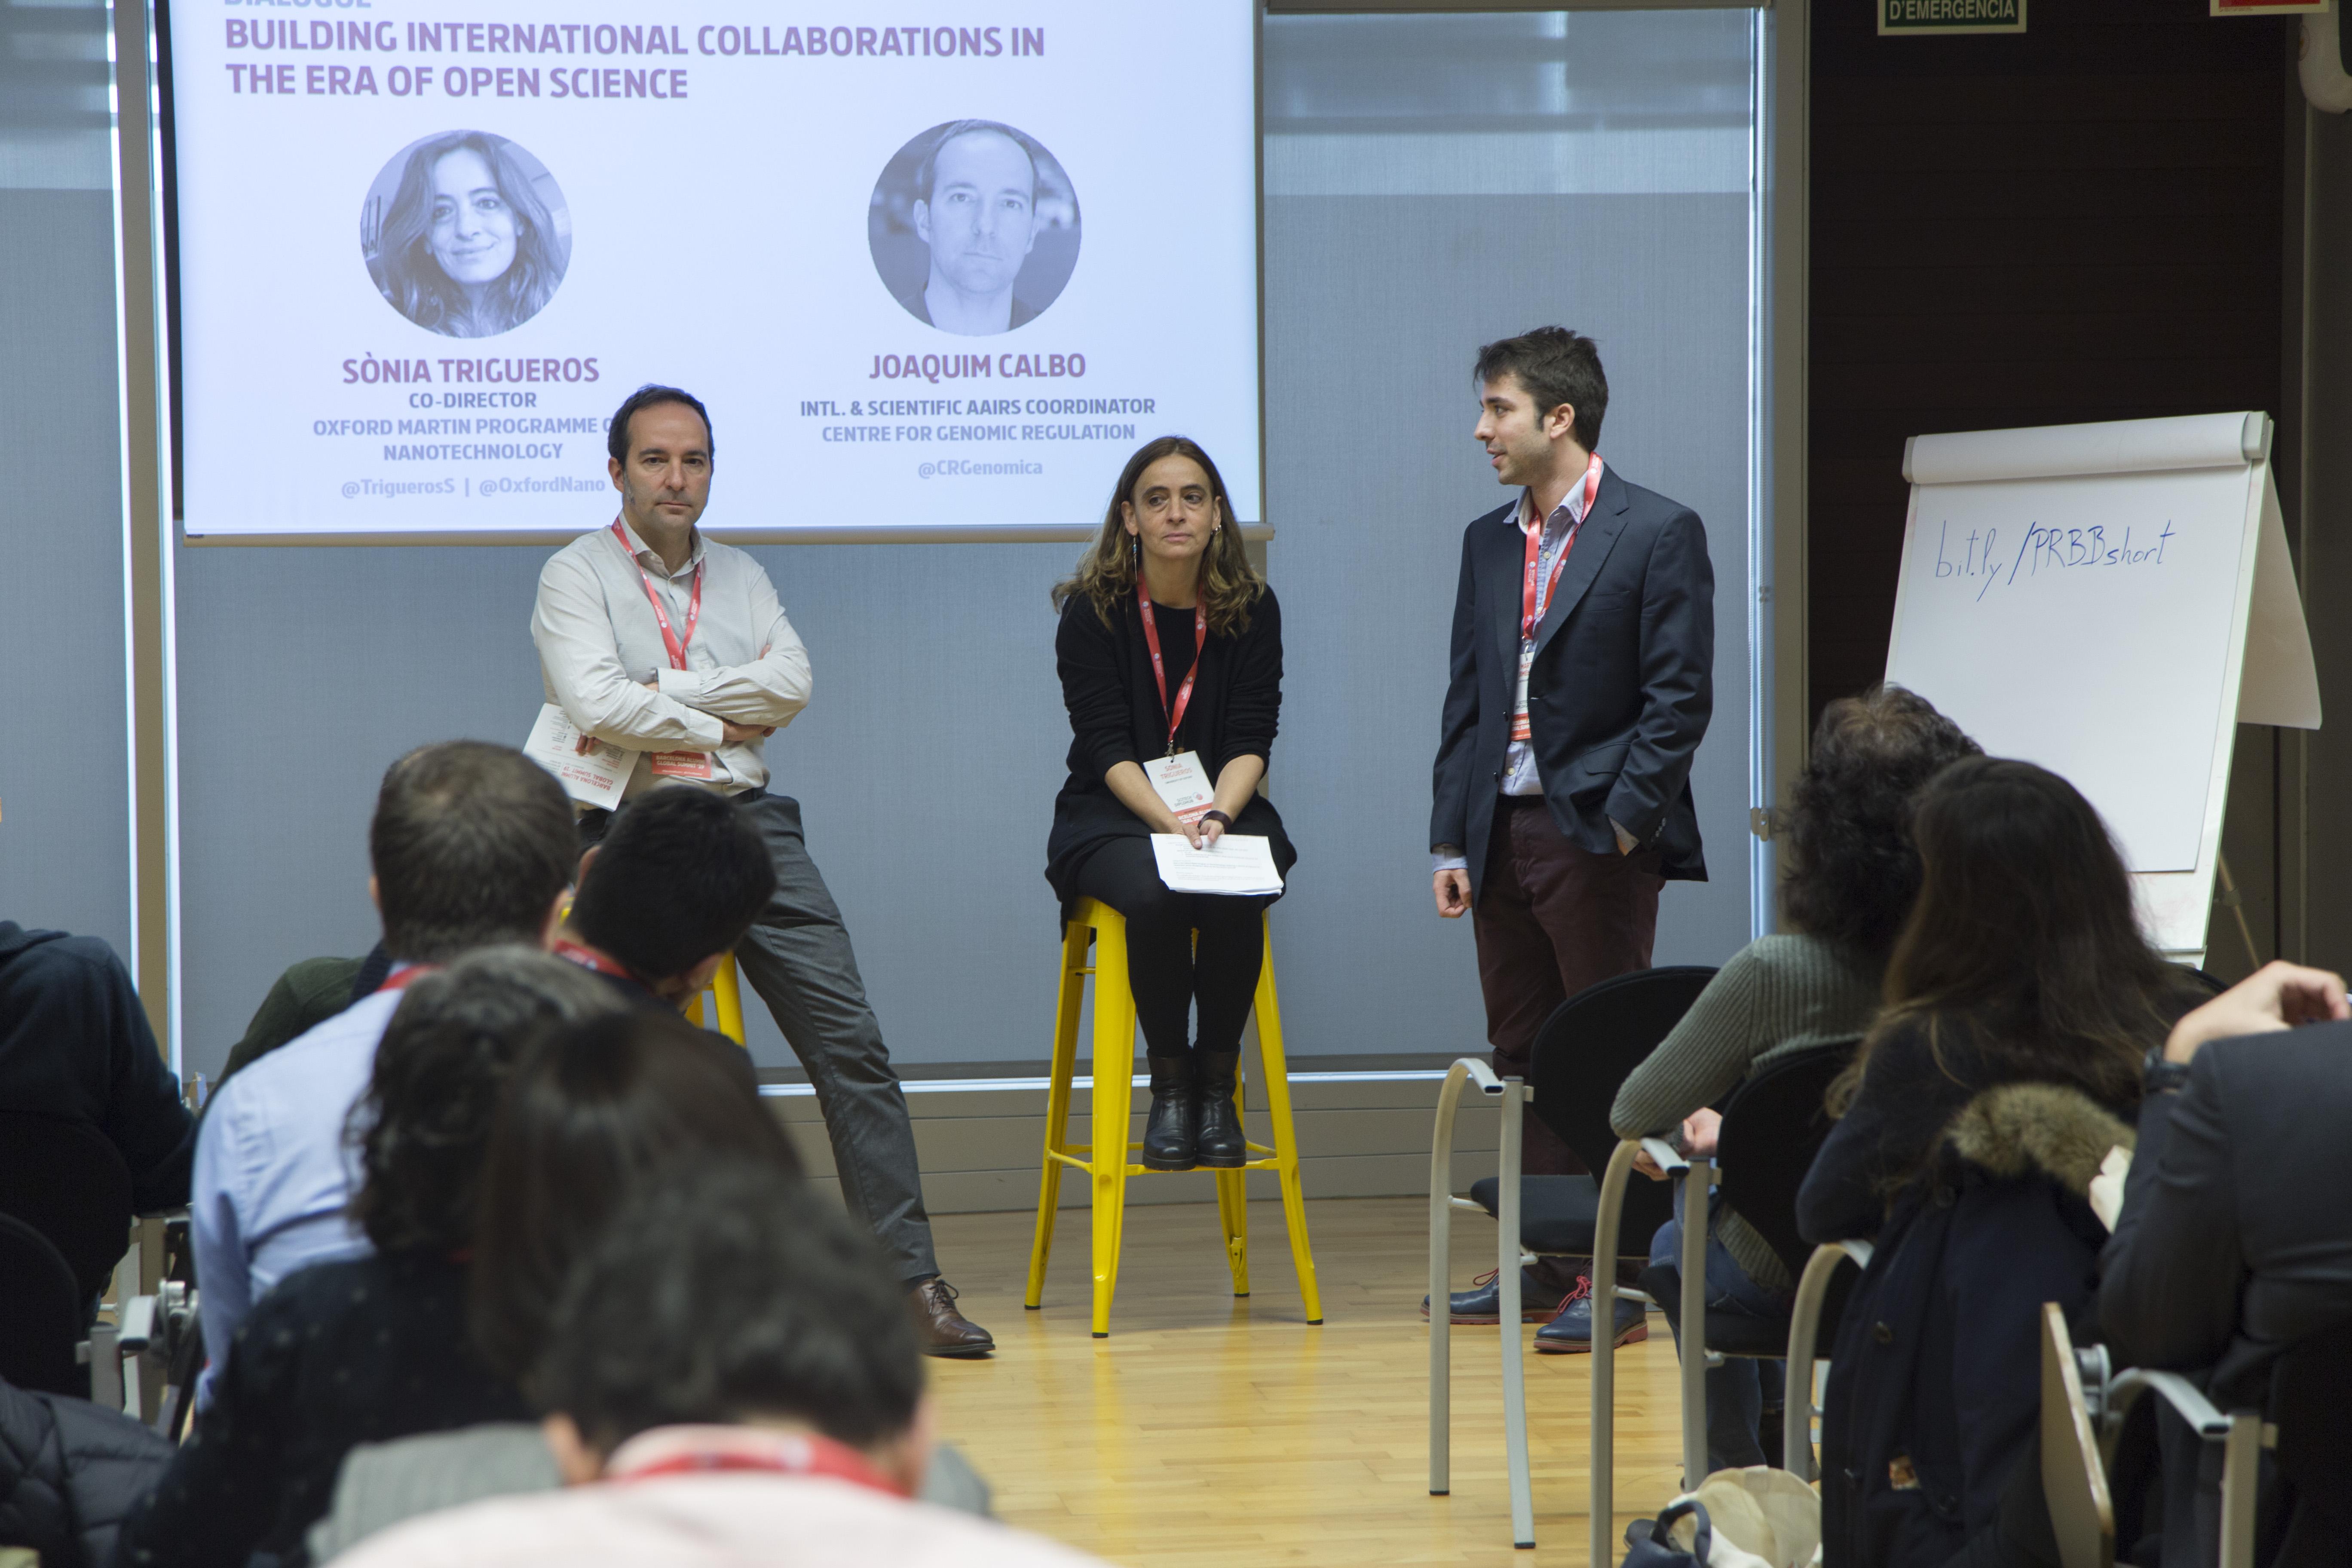 Sonia Trigueros i Joaquim Calbo durant el debat al PRBB.